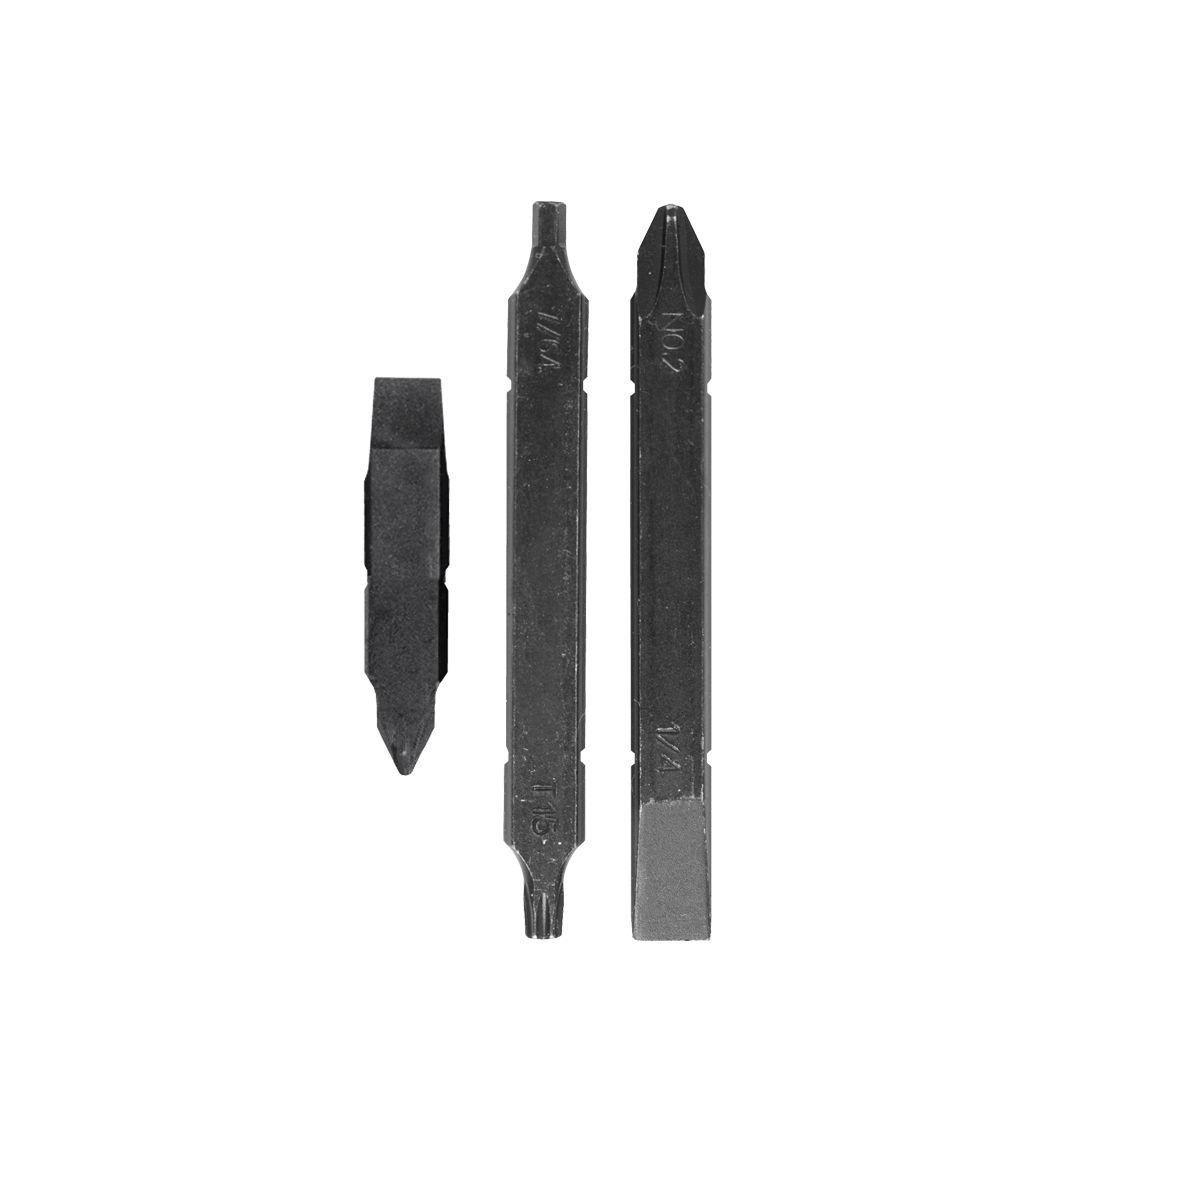 Дополнительный набор бит Leatherman Mut bit kit (3 двухсторонние биты)